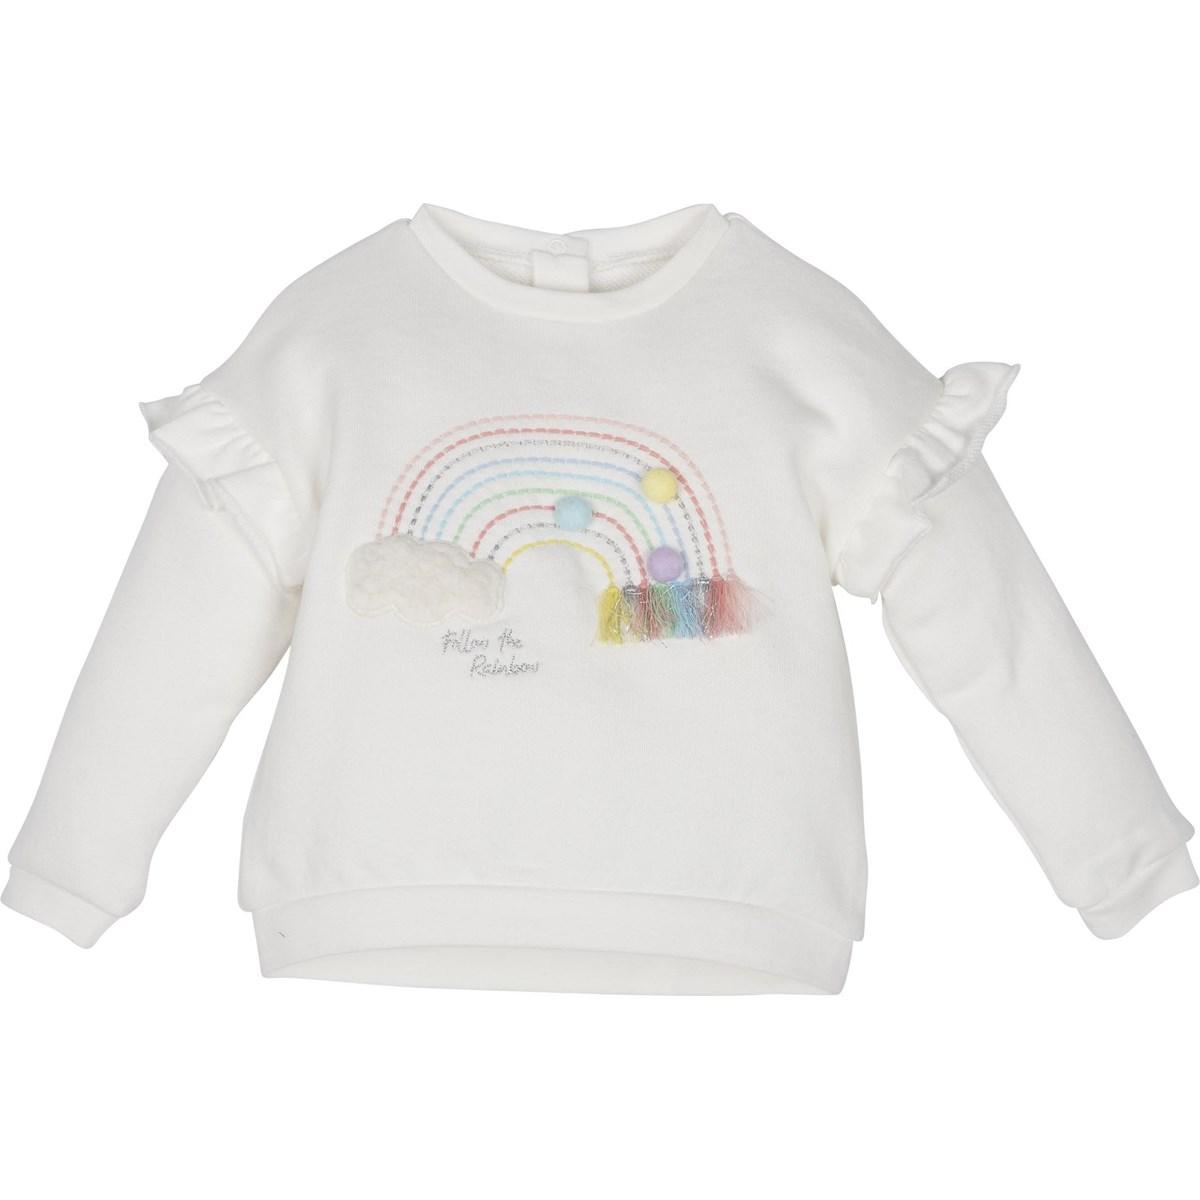 12307 Sweatshirt 1